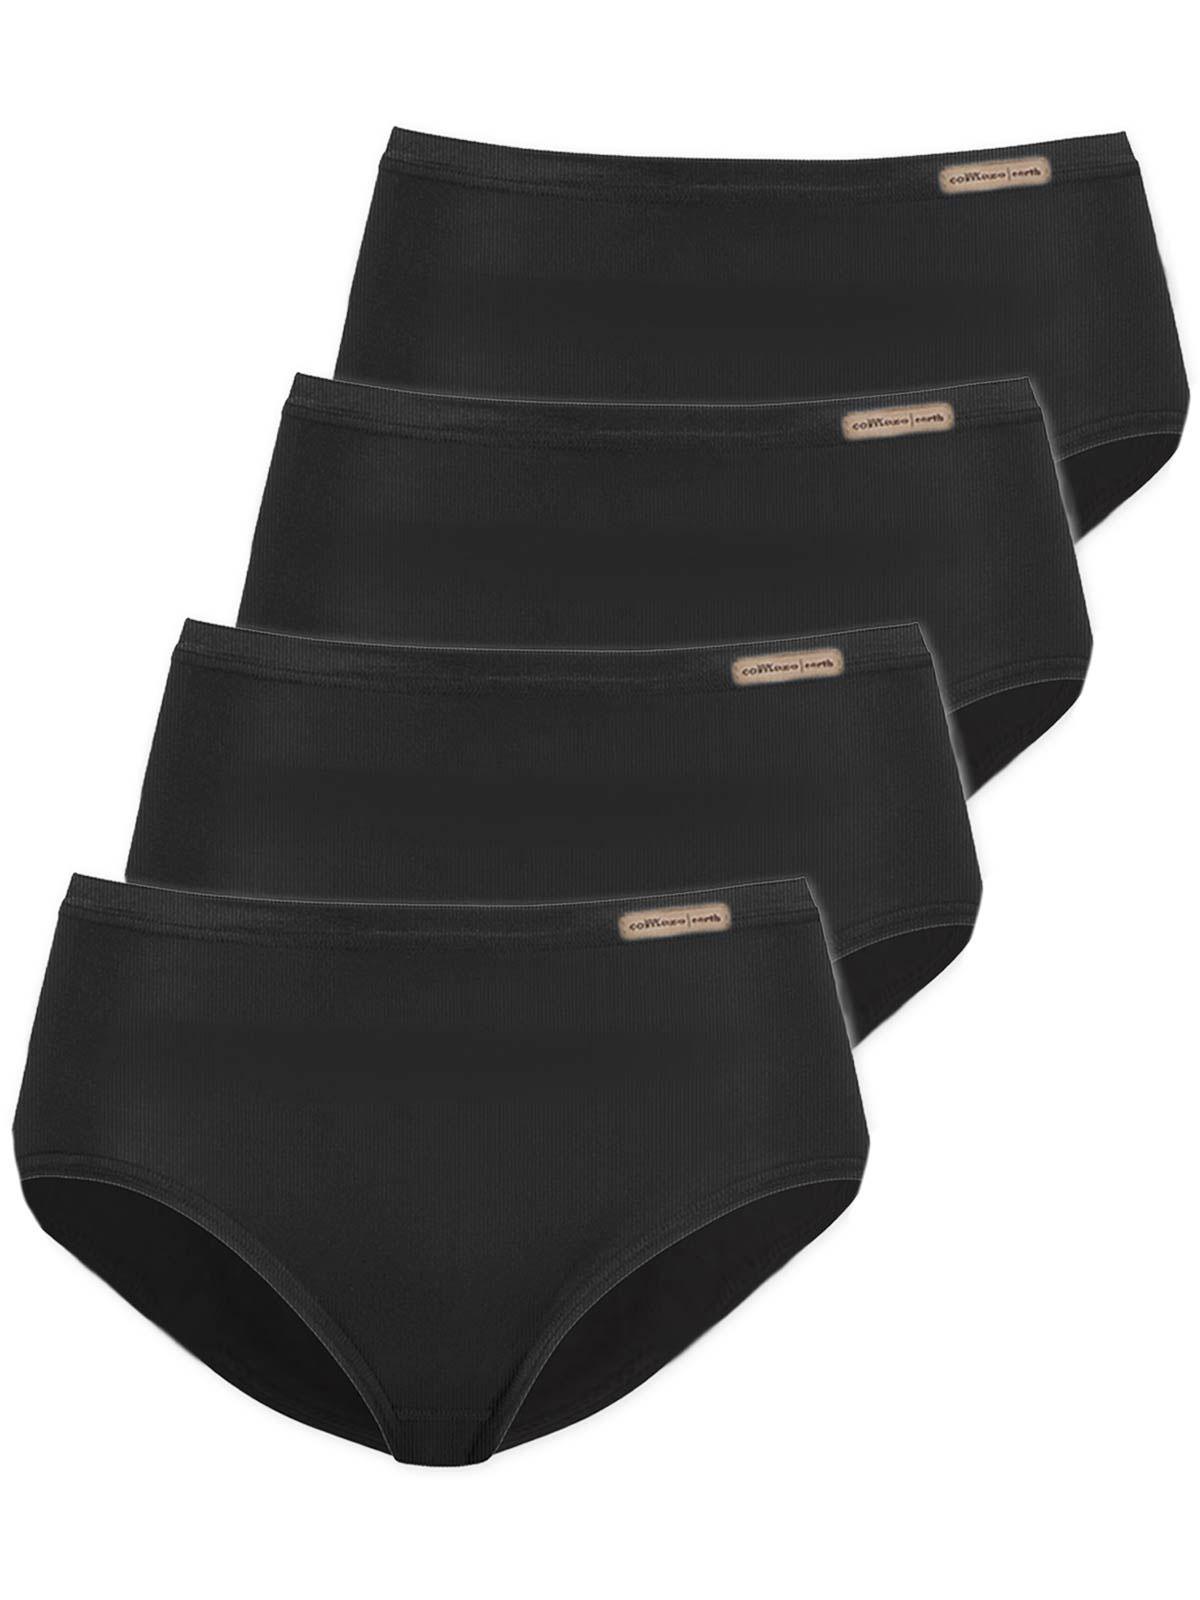 4er Sparpack Damen Jazz Pants 1652791